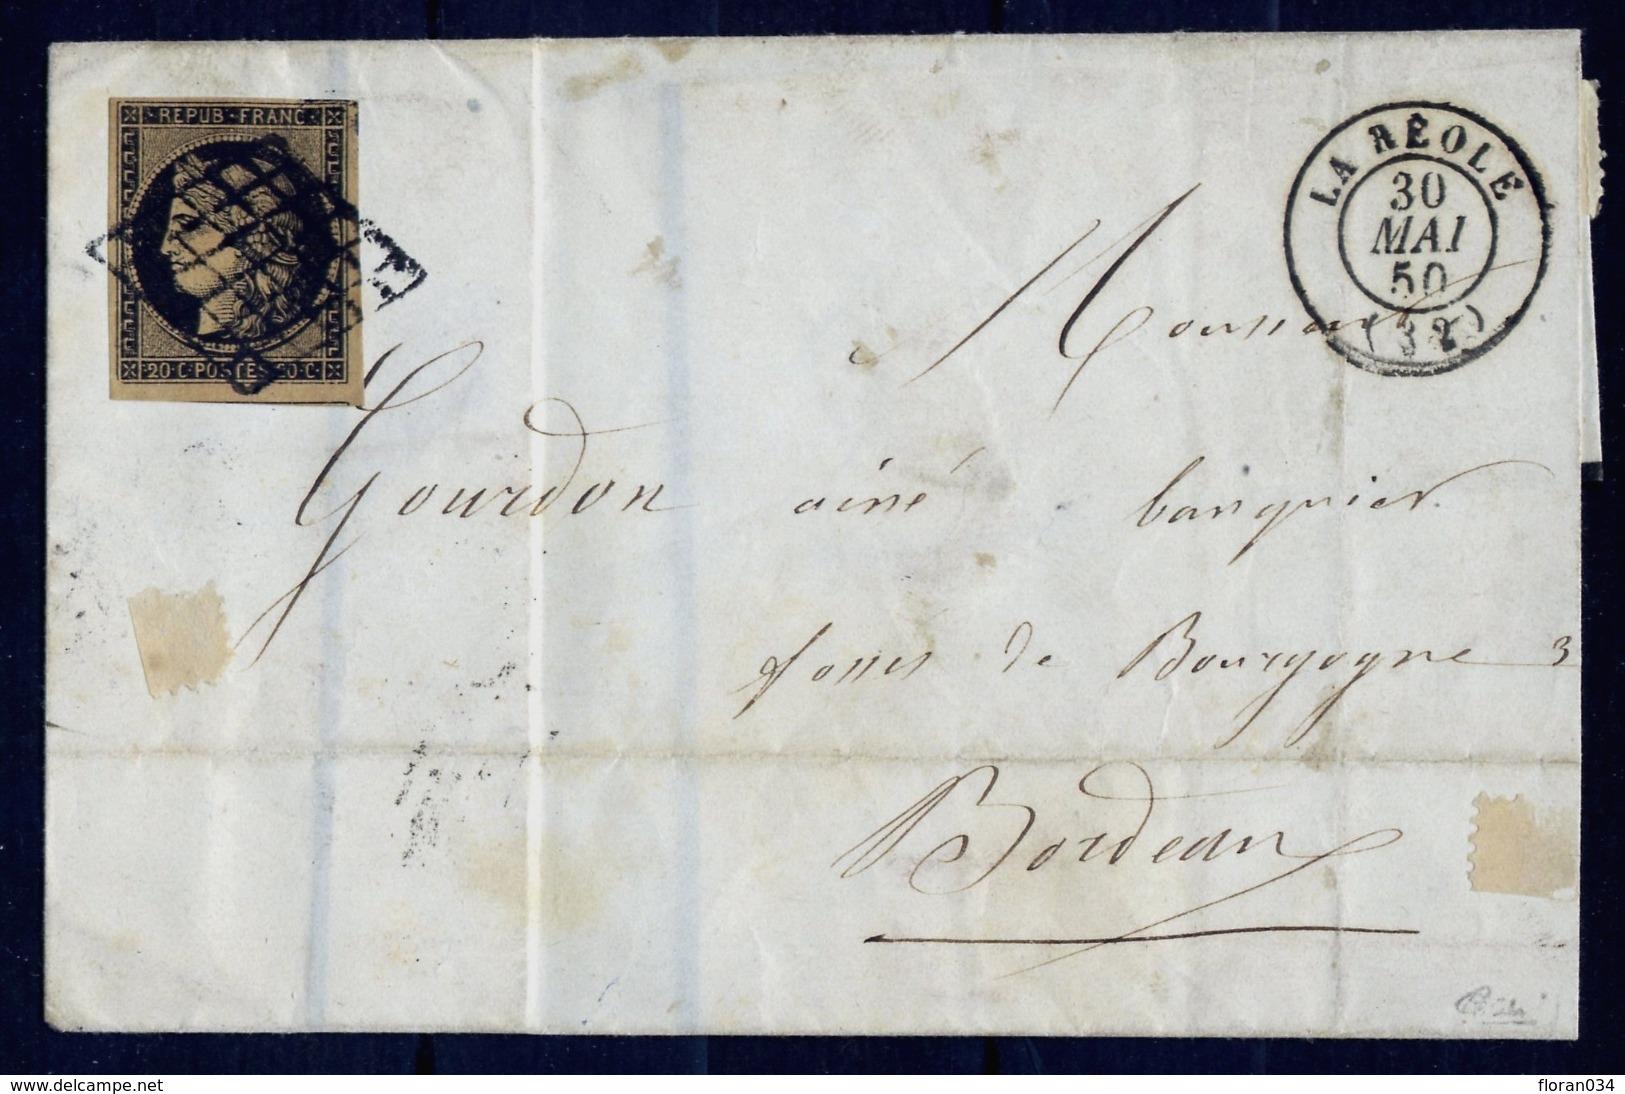 France N° 3d Noir S/FAUVE S/Lettre Obl. Grille - Signé Calves - Cote 1600 Euros TTB Qualité - 1849-1850 Ceres